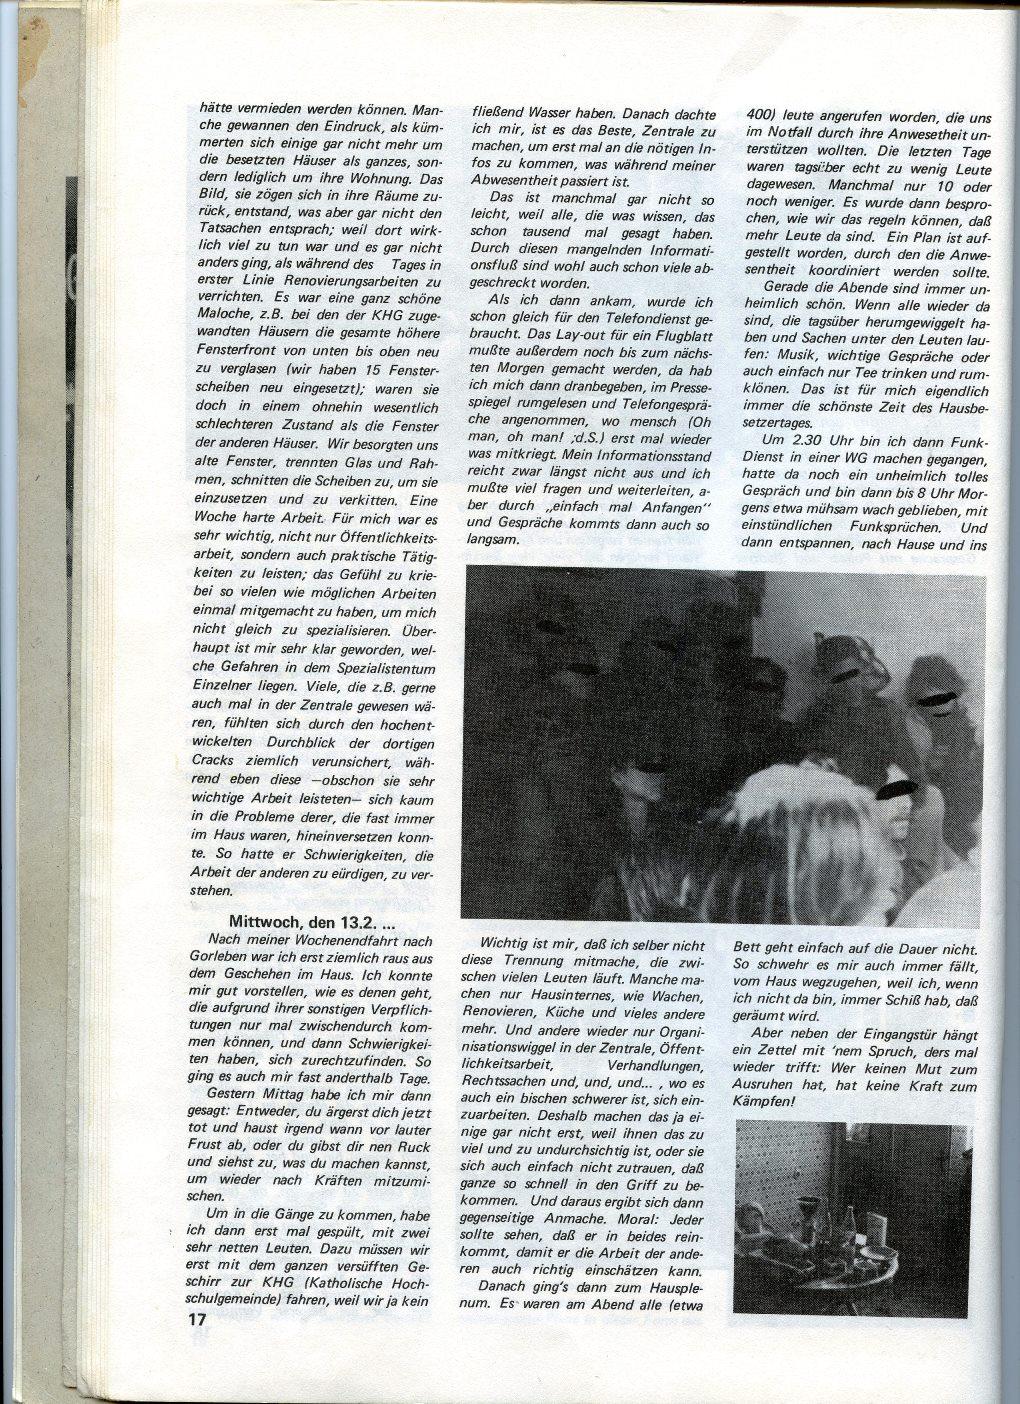 Muenster_Hausbesetzung_1980_18